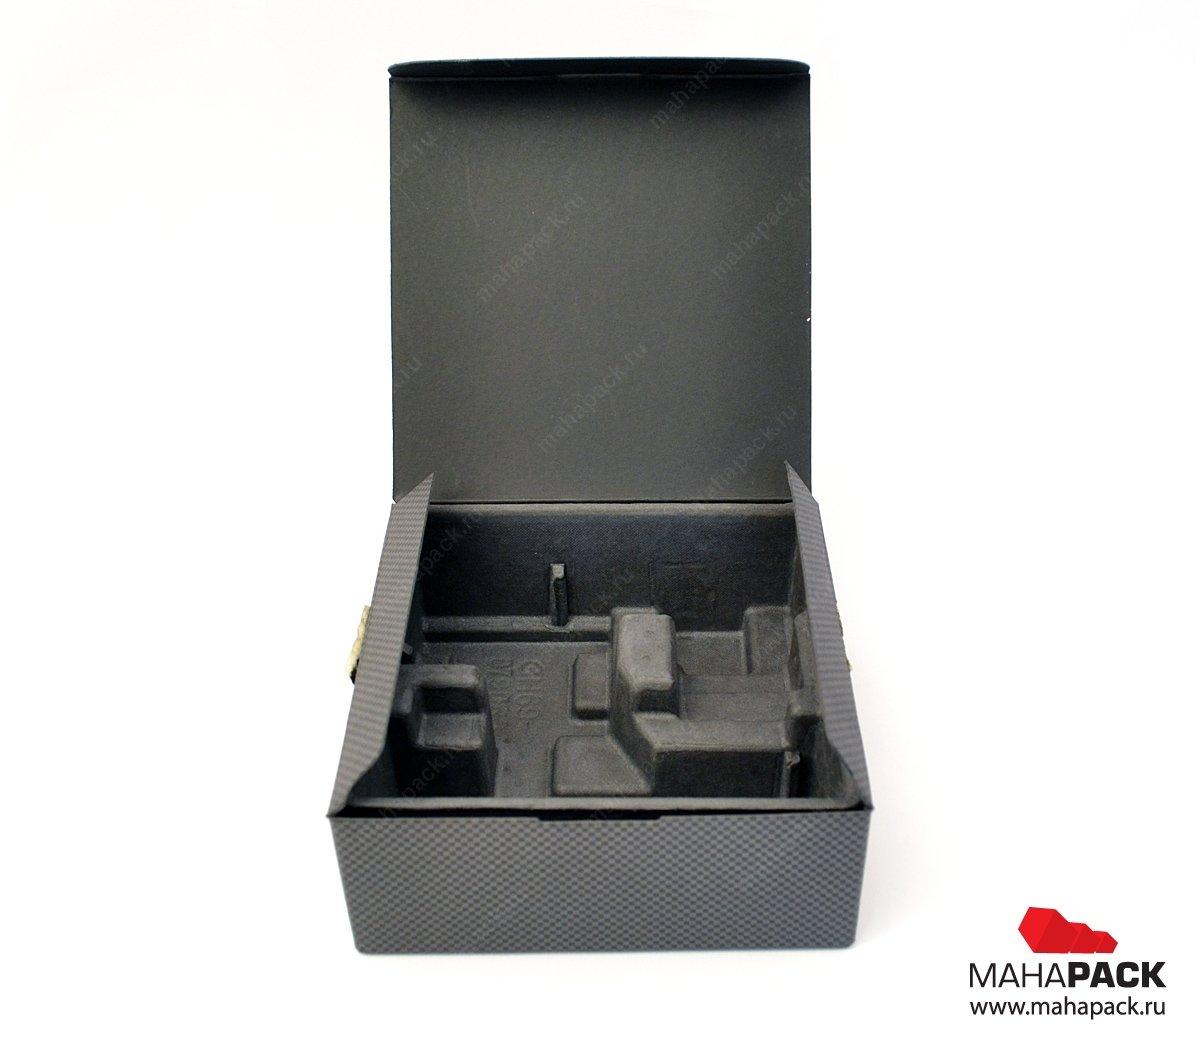 Самосборная коробка-книжка из плотного картона